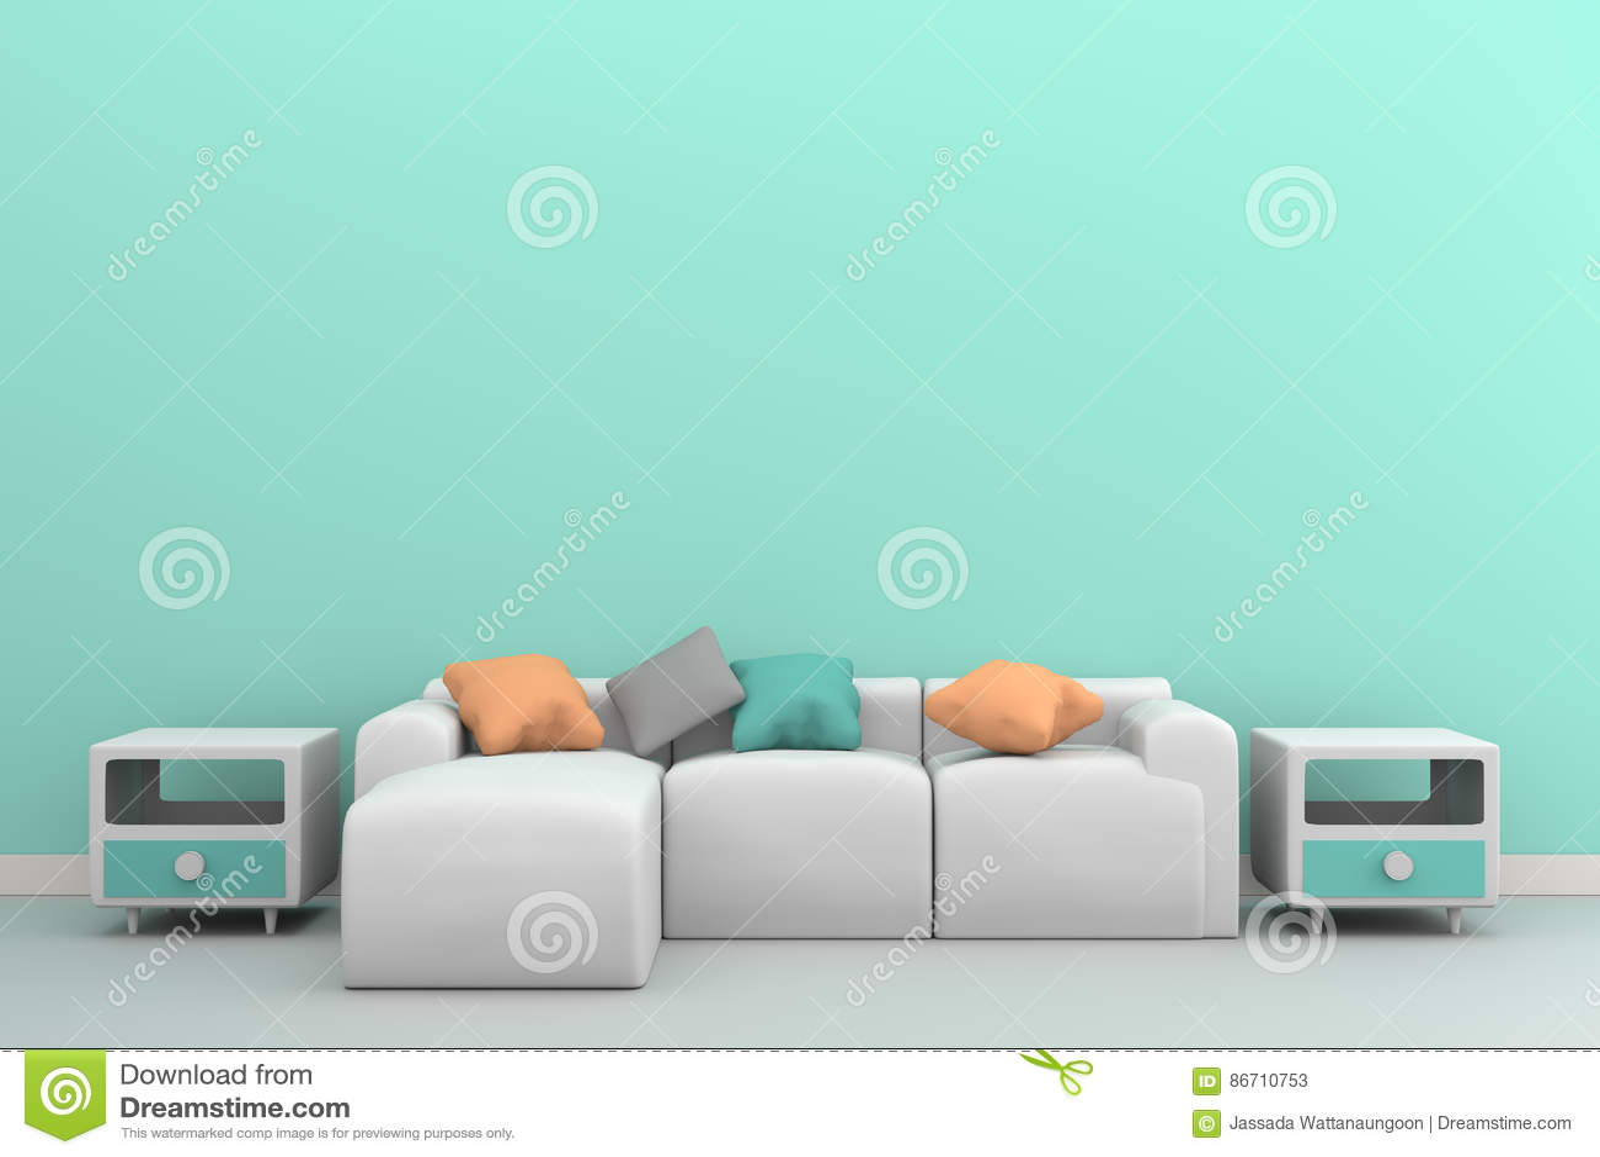 Zielona pastel ściana z kanapą & kredens na białym wnętrzu